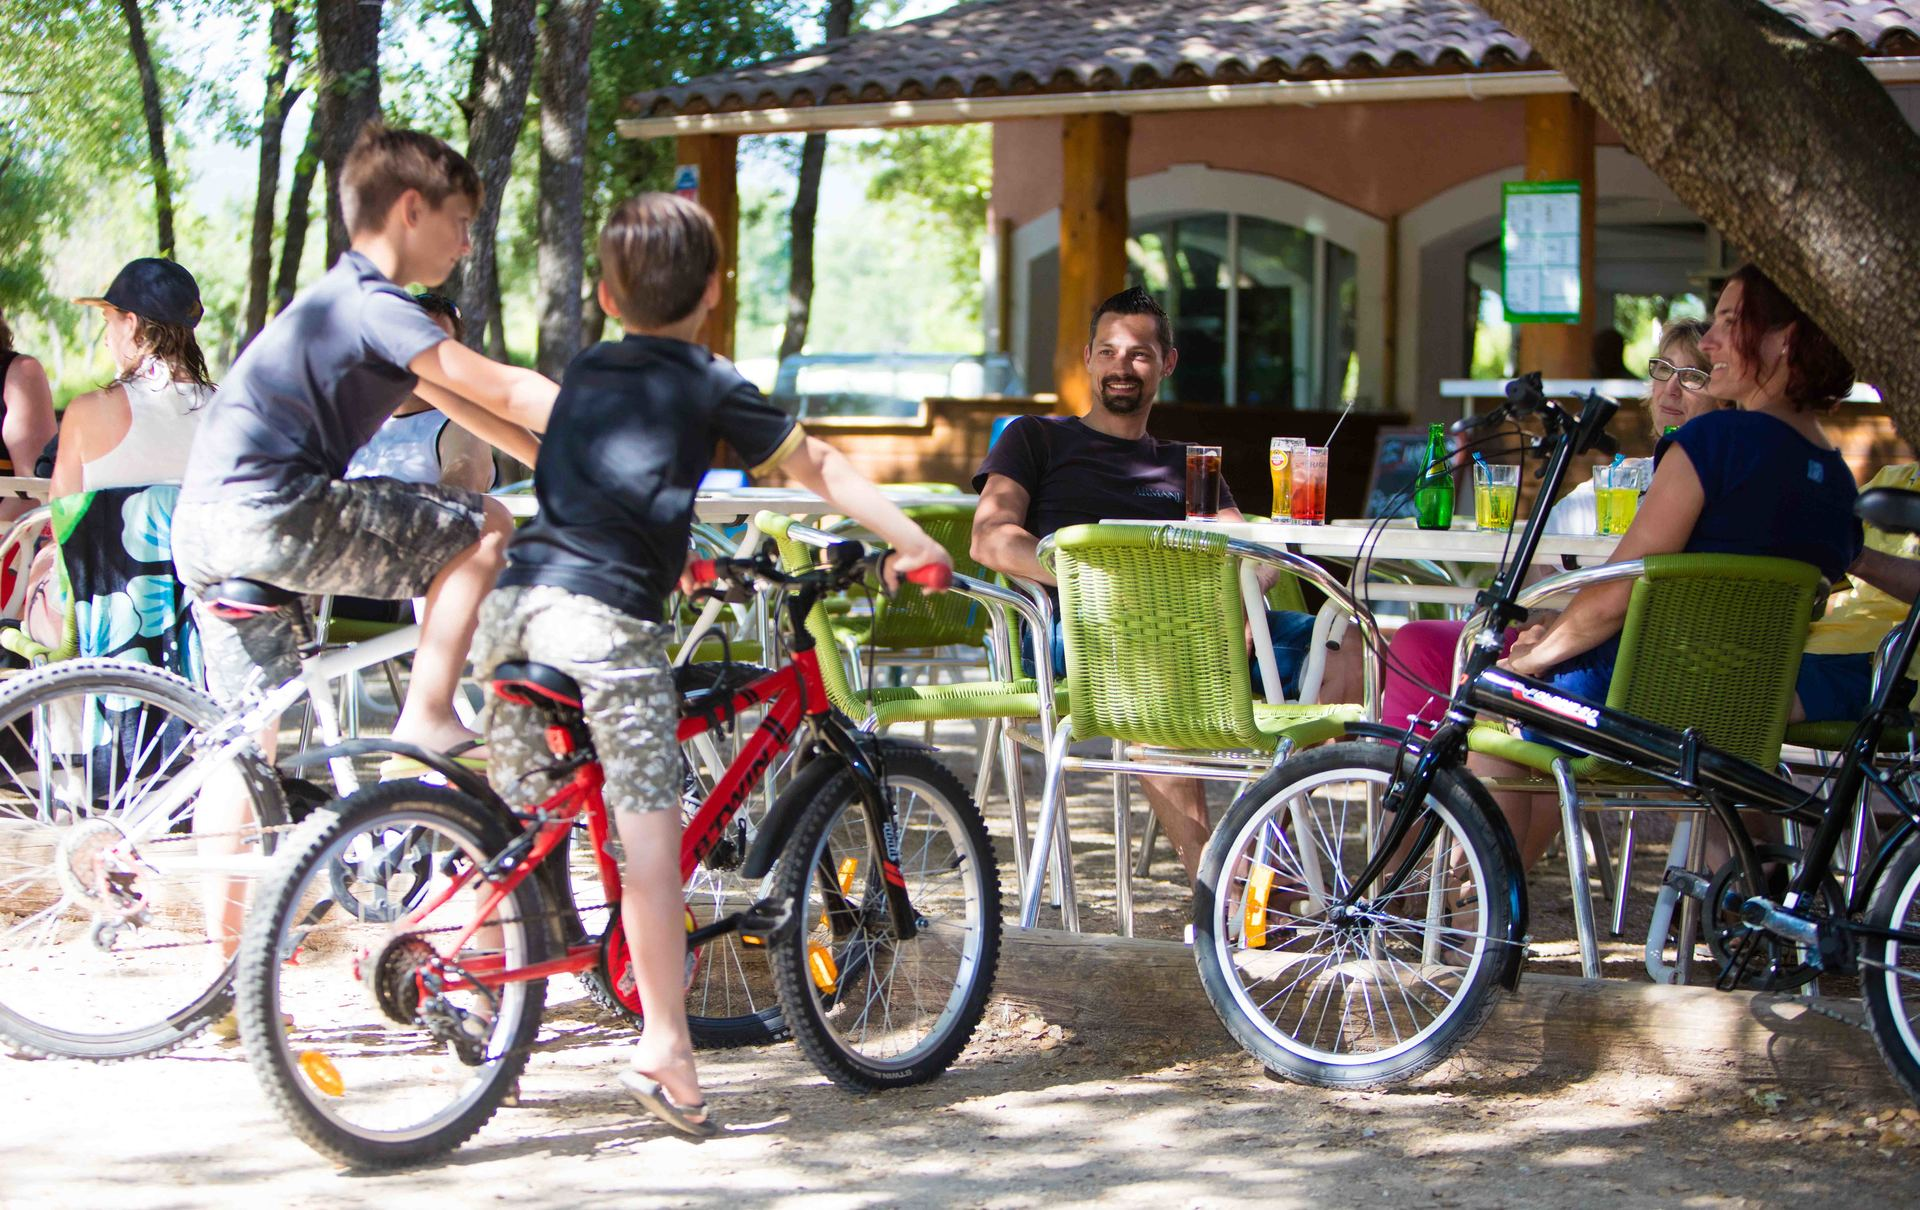 Frankrijk-SaintSaturninlesApt-Camping%20Les%20Chenes%20Blancs-ExtraLarge Wintersport Frankrijk|Pagina 4 van 55